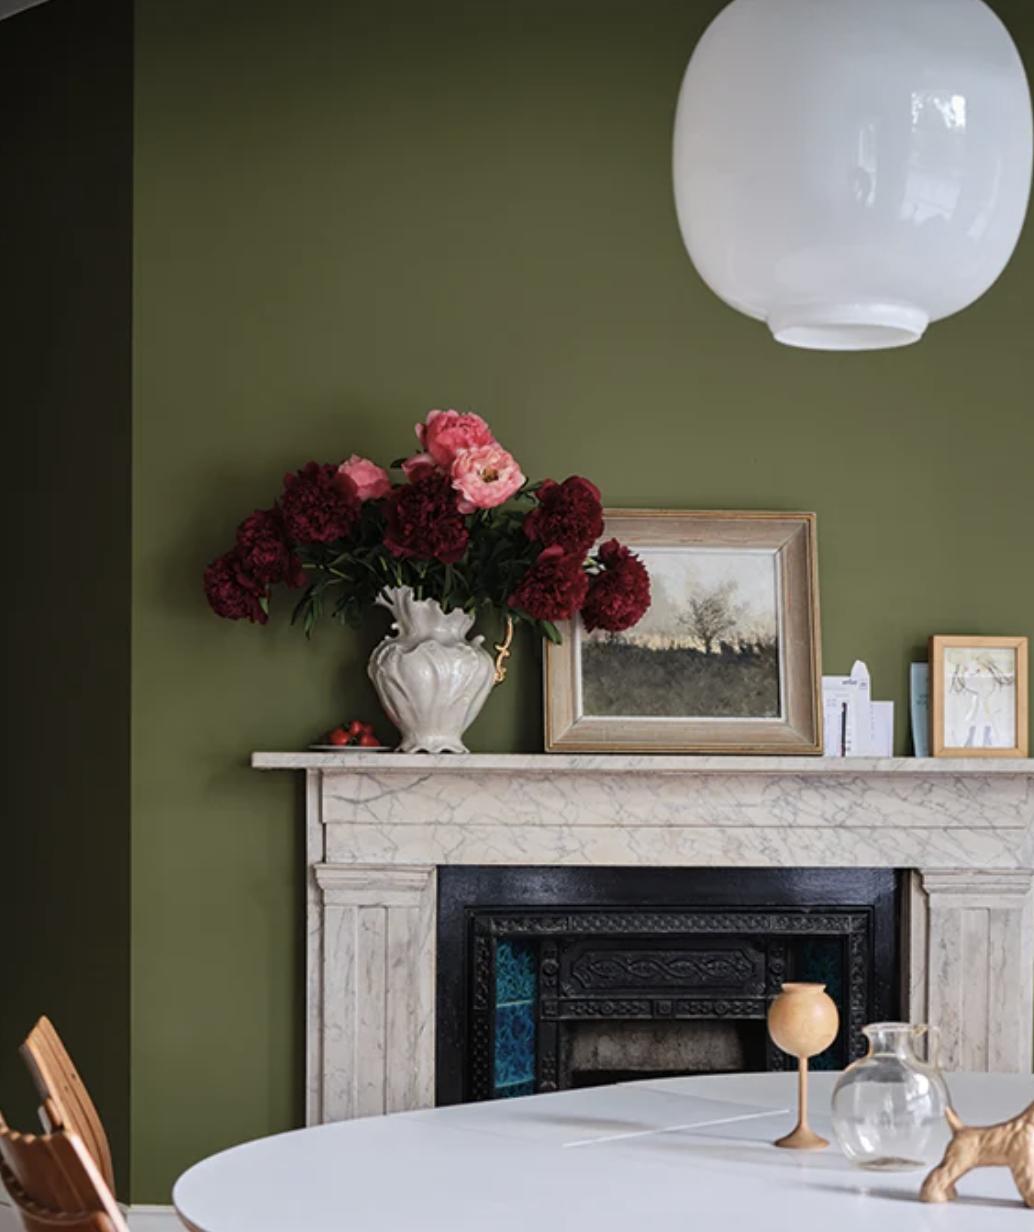 Top 2021 Paint Color Trends Best, Living Room Paint Colors Ideas 2021